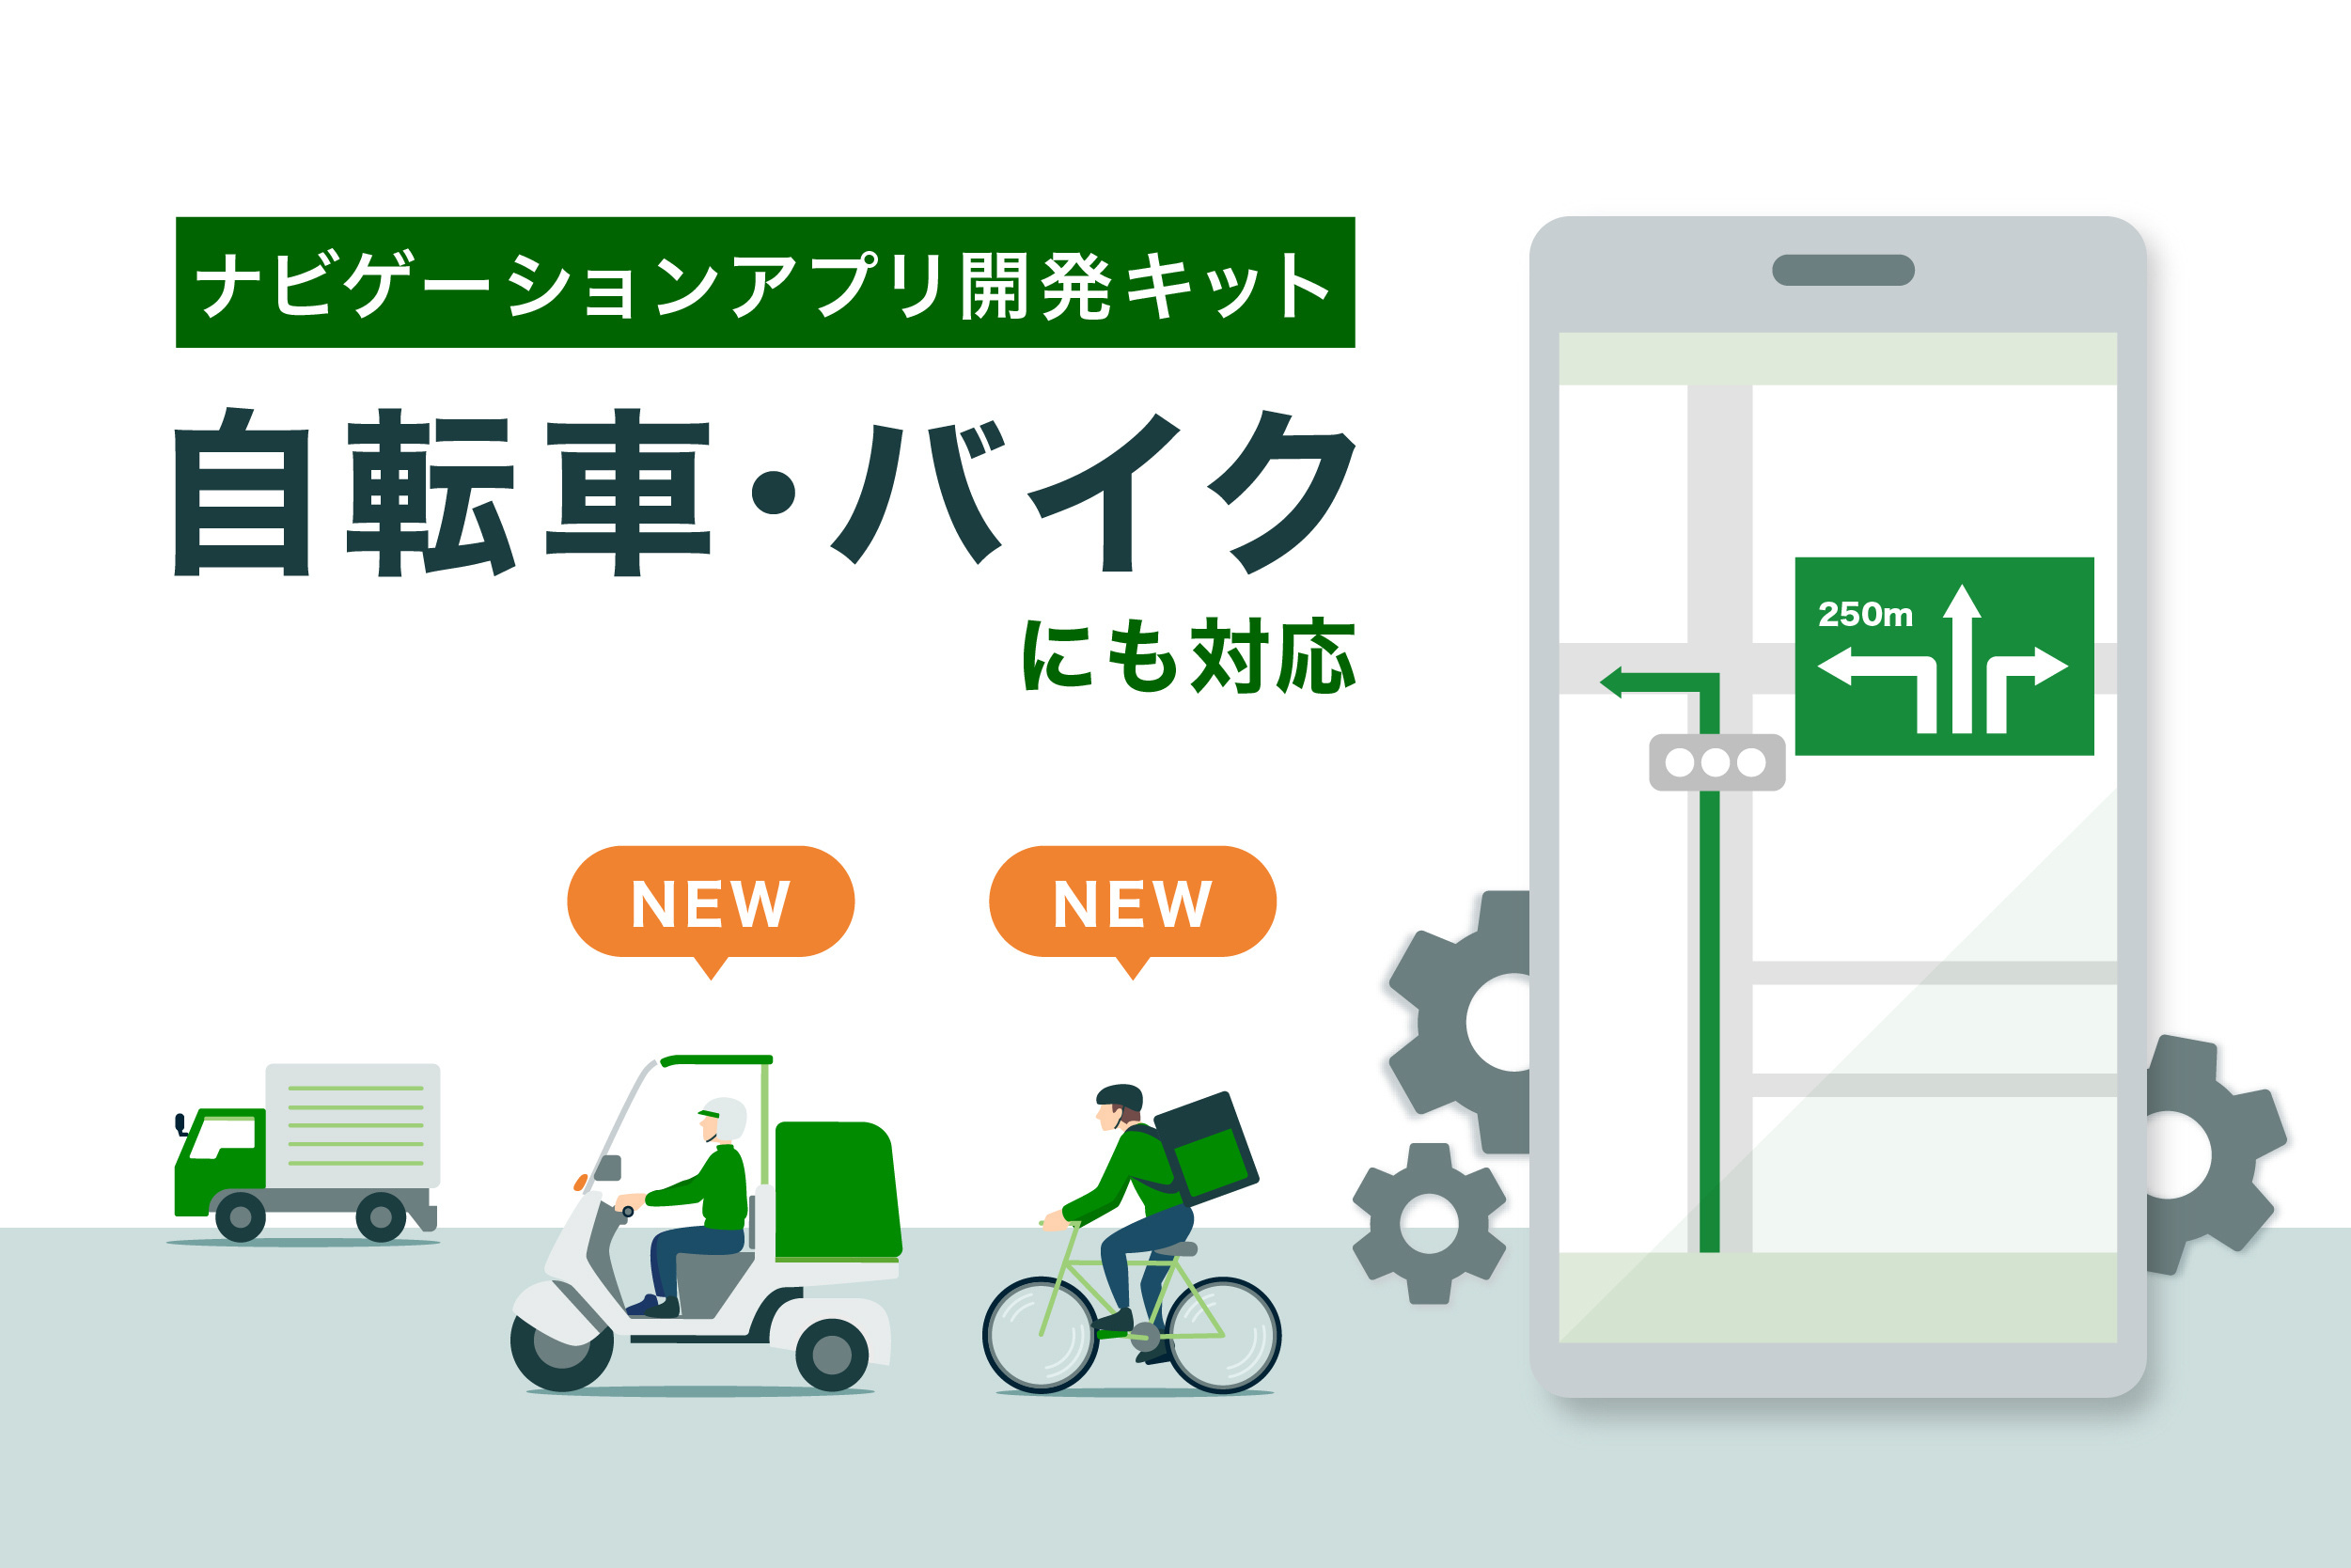 ナビゲーションアプリ開発キット「NAVITIME SDK」、バイク・自転車のルート検索に対応